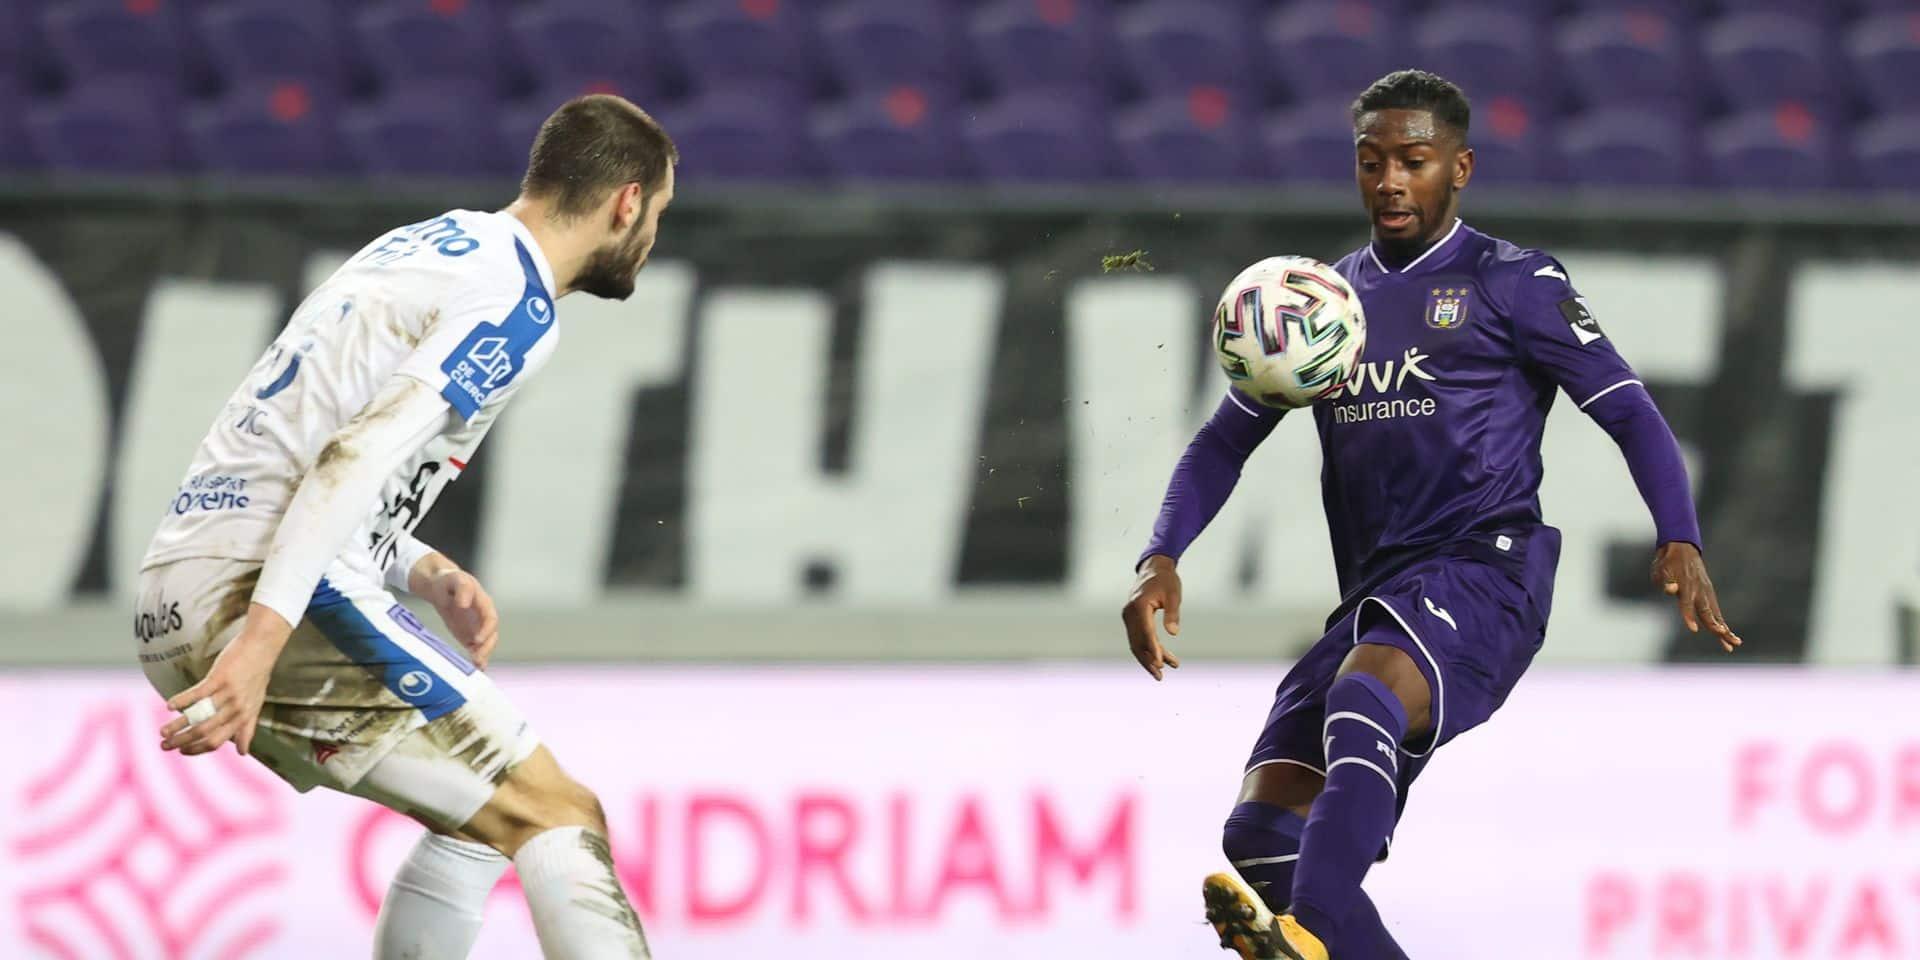 """Diaby a marqué des points pour sa première avec Anderlecht: """"On va l'amener à son meilleur niveau"""""""